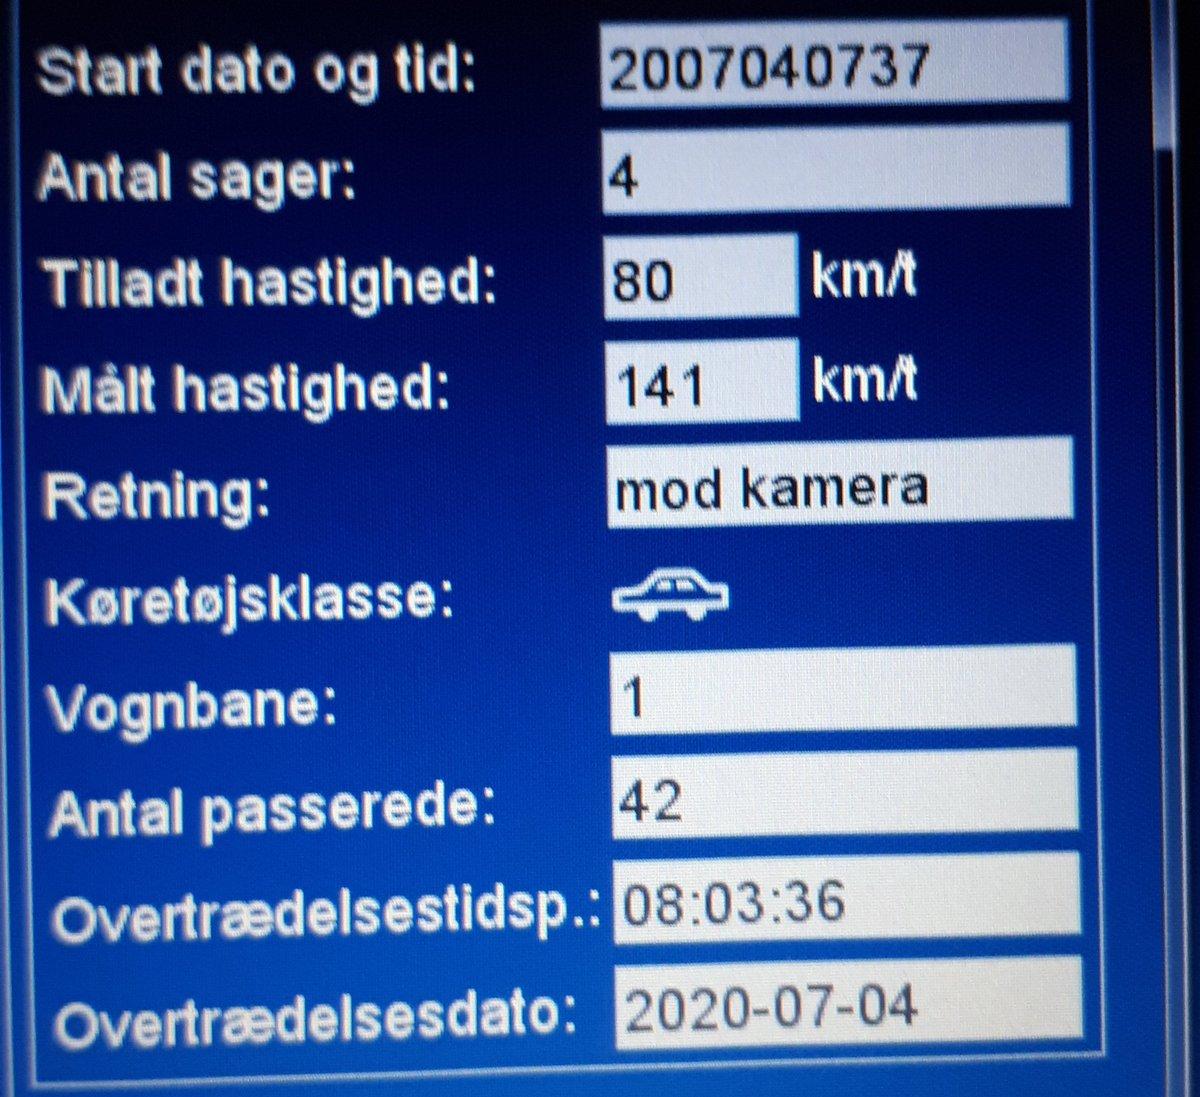 ATK hastighedskontrol på Lundvej nord for Varde ulykke strækning. 24 sager heraf 1 betinget frakendelse på 141 km/t. 1 klip på 109 km/t.  Husk den tilladte hastighed på landevej er 80 km. #atkdk #politidk https://t.co/ZjUWa4qZ5l